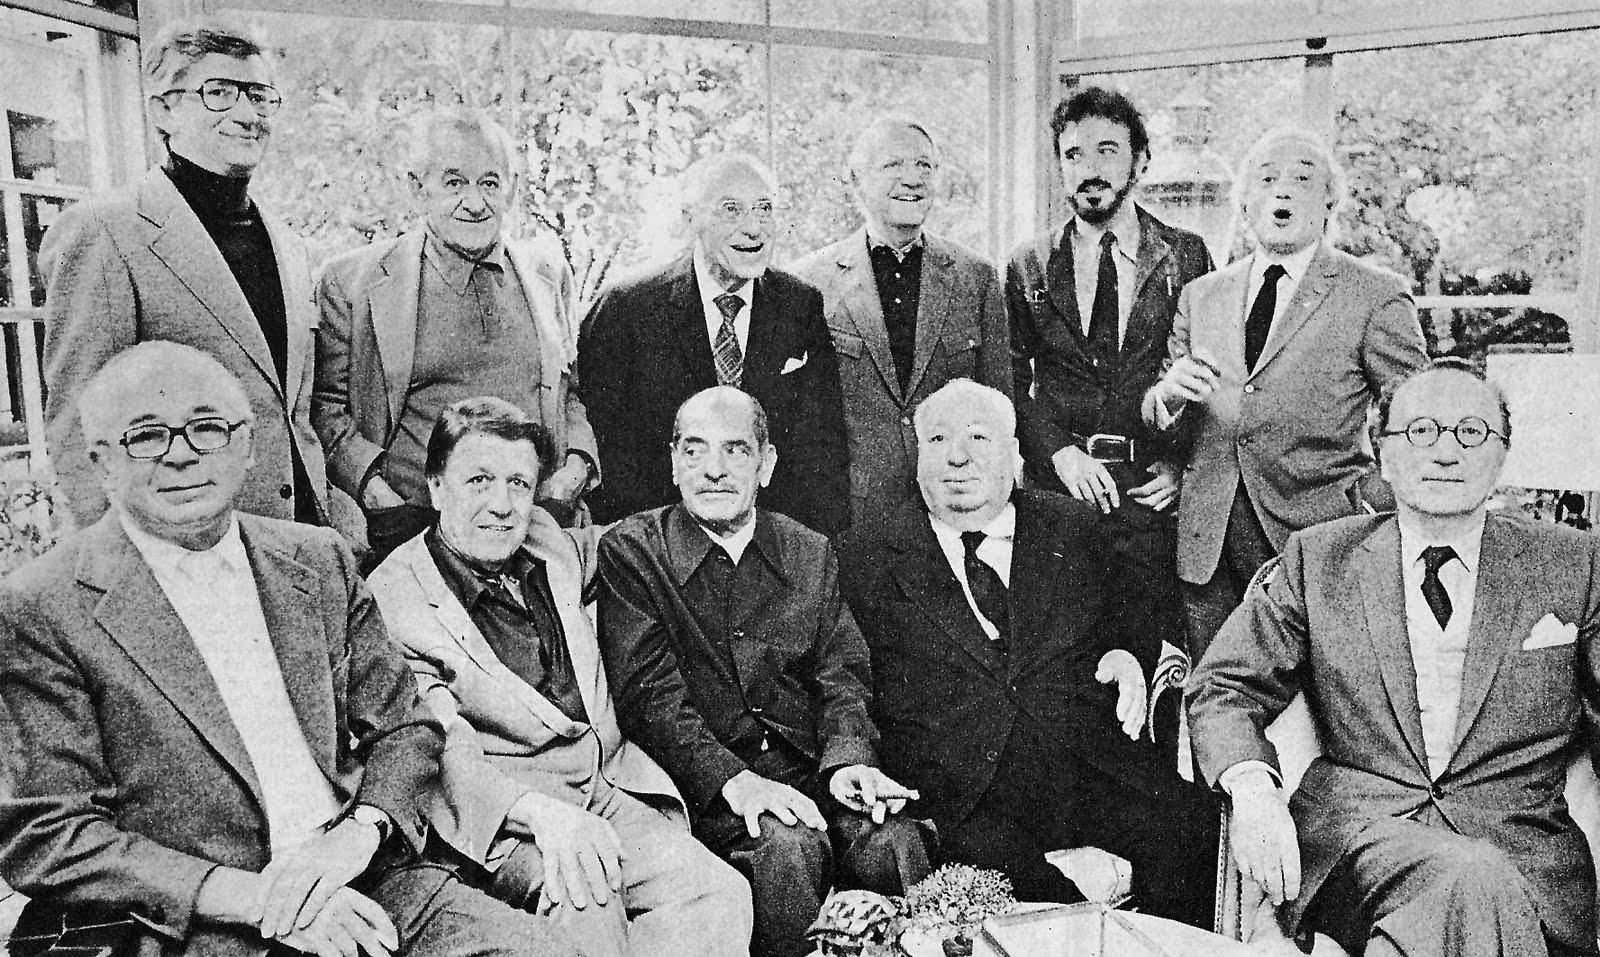 نفرات ایستاده(از چپ به راست): رابرت مالیگان-ویلیام وایلر-جورج کوکر-رابرت وایز- ژان کلود کاریه و سرژ سیلورمن. نشسته: بیلی وایلدر- جورج استیونز- لوئیس بونوئل- آلفرد هیچکاک- روبن مامولیان